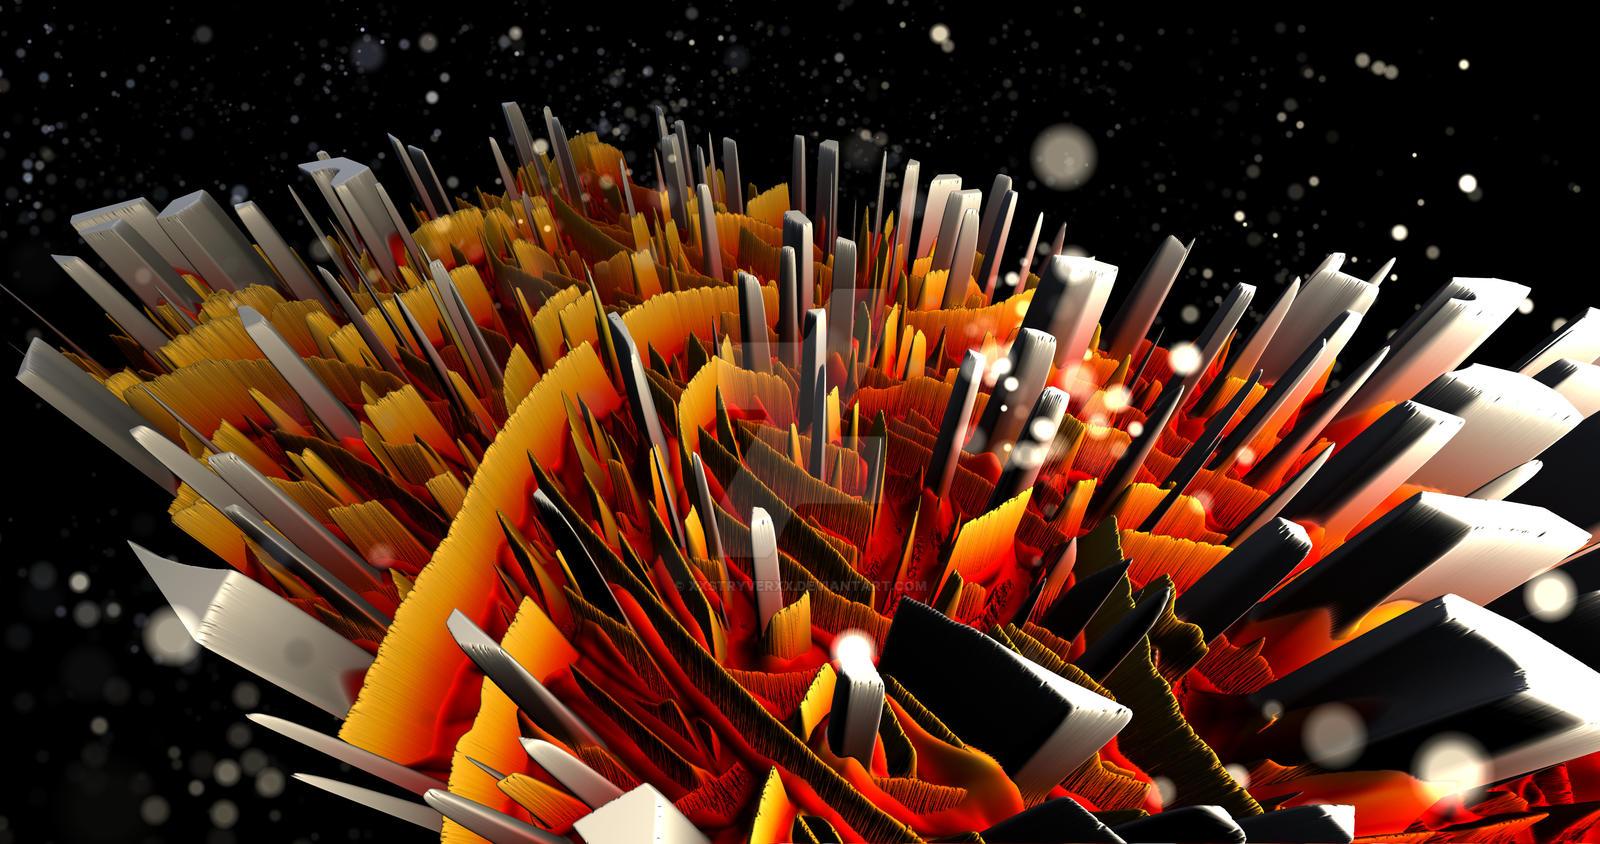 City of Me PREMIUM 4K by XxStryveRxX